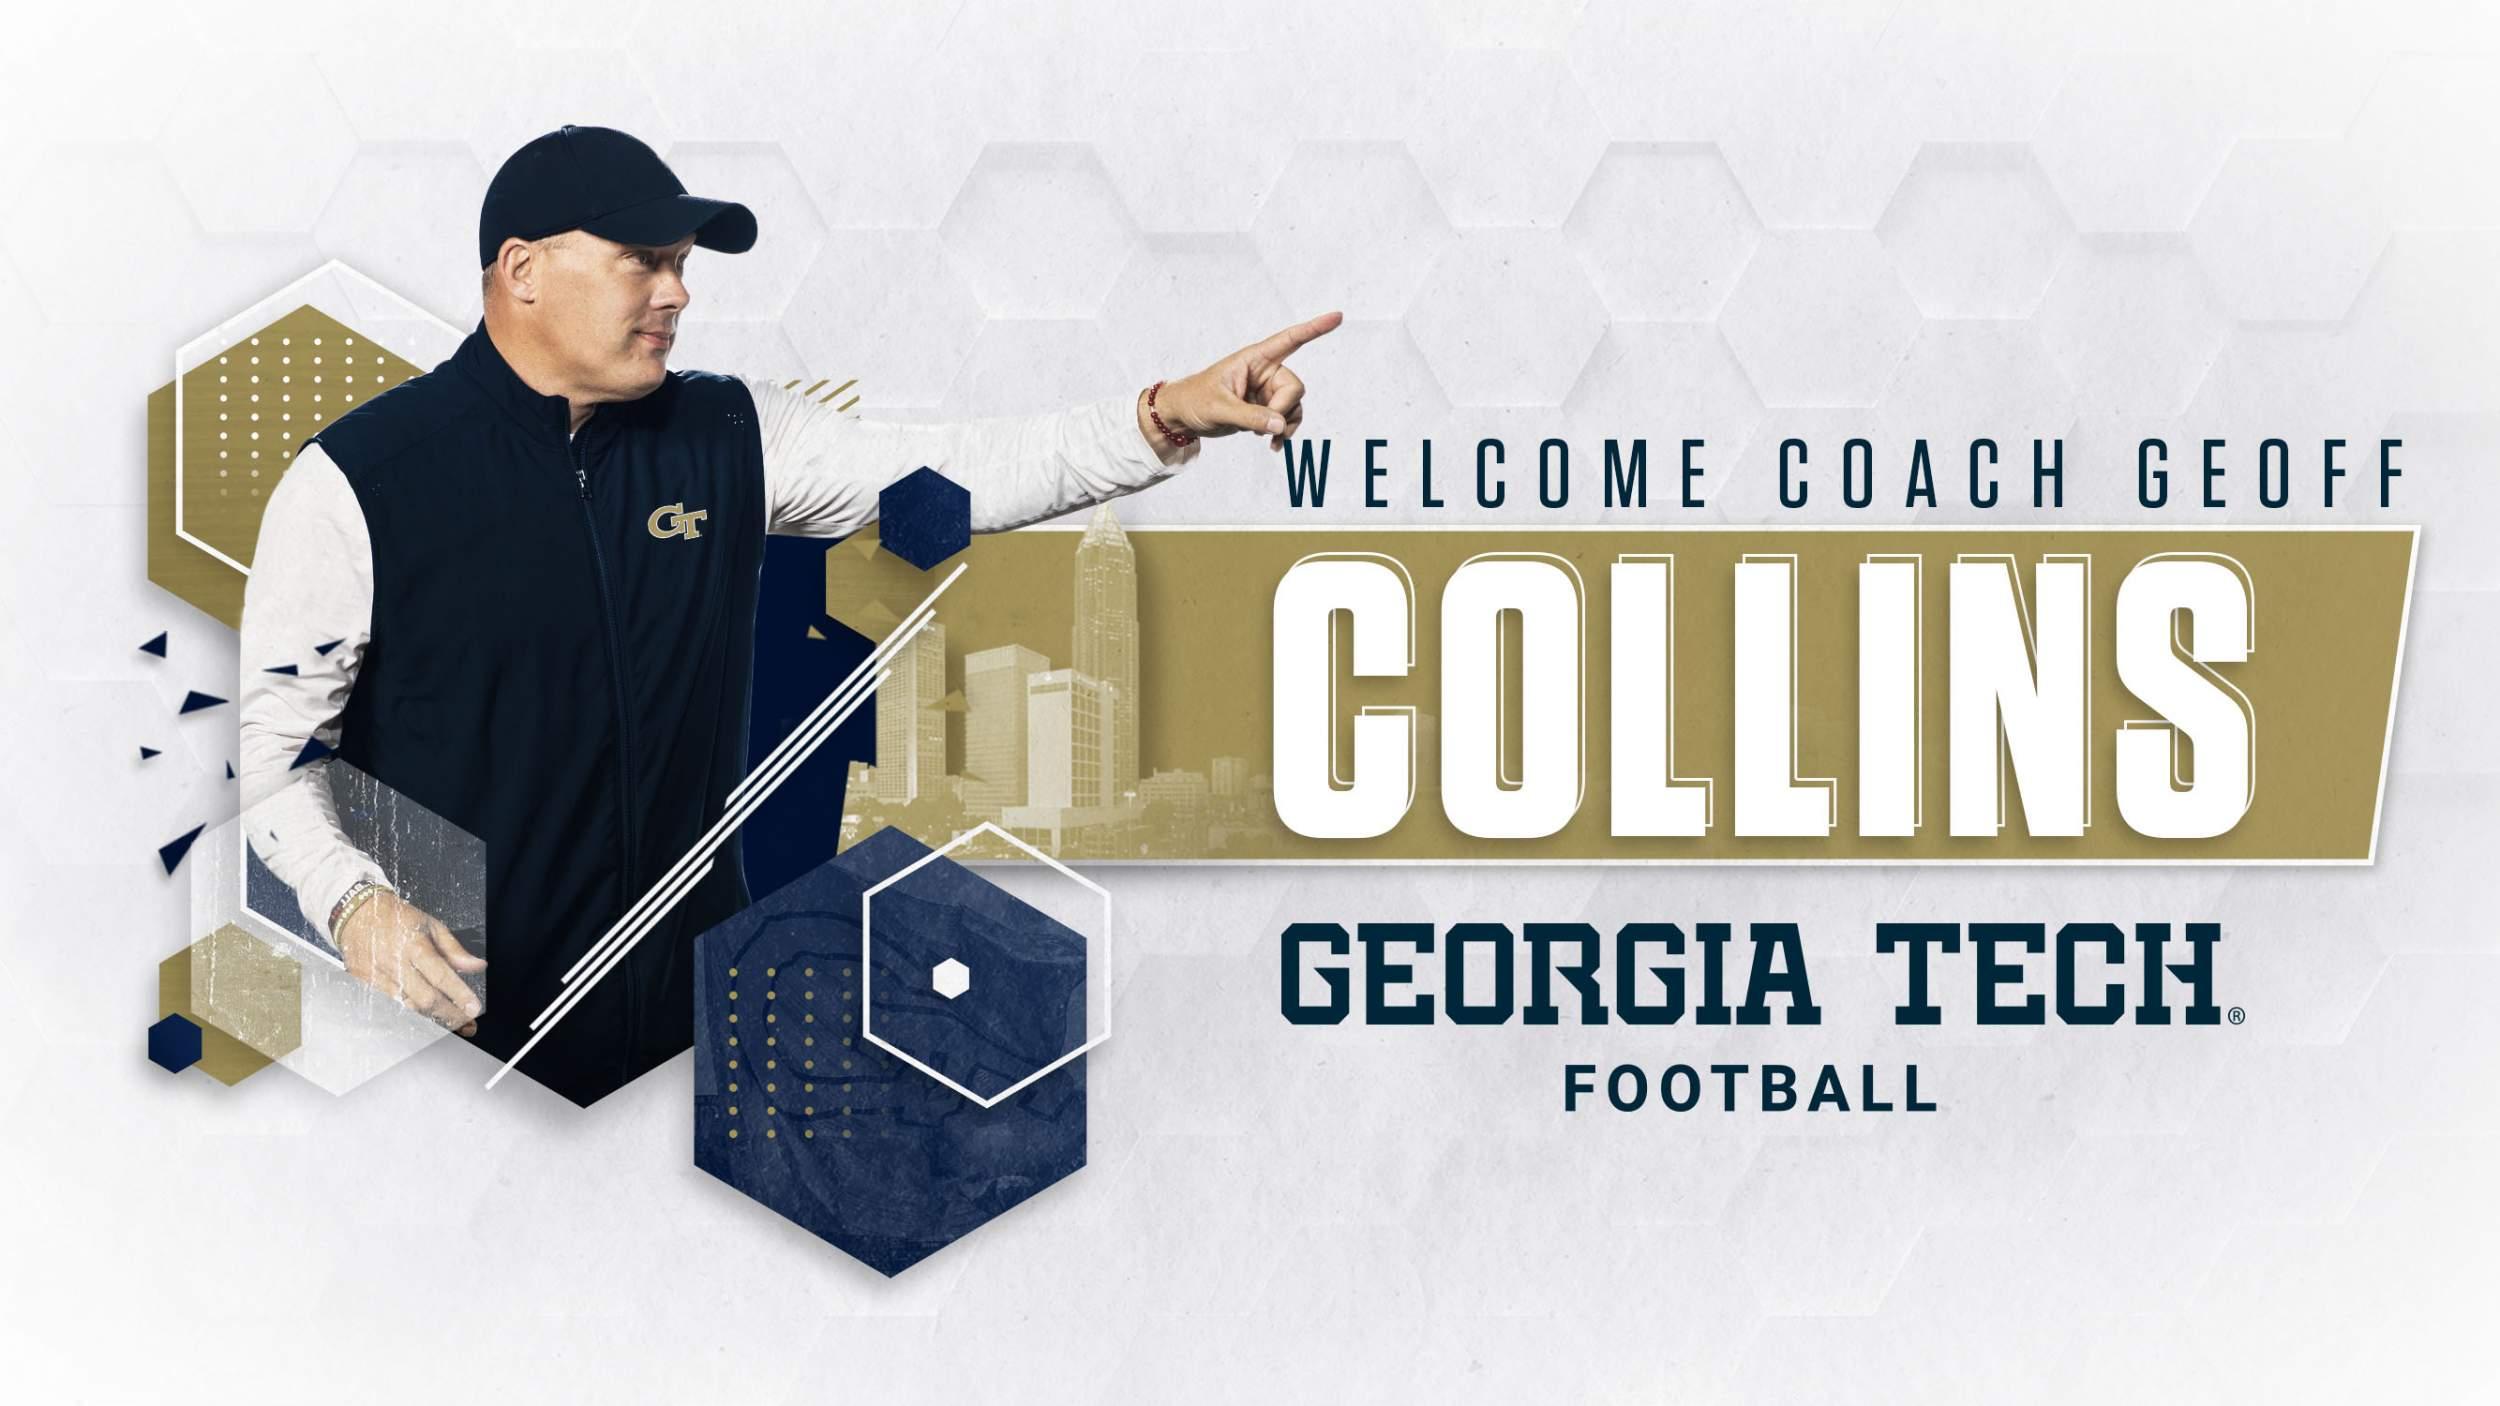 Geoff Collins hired as Georgia Tech head coach